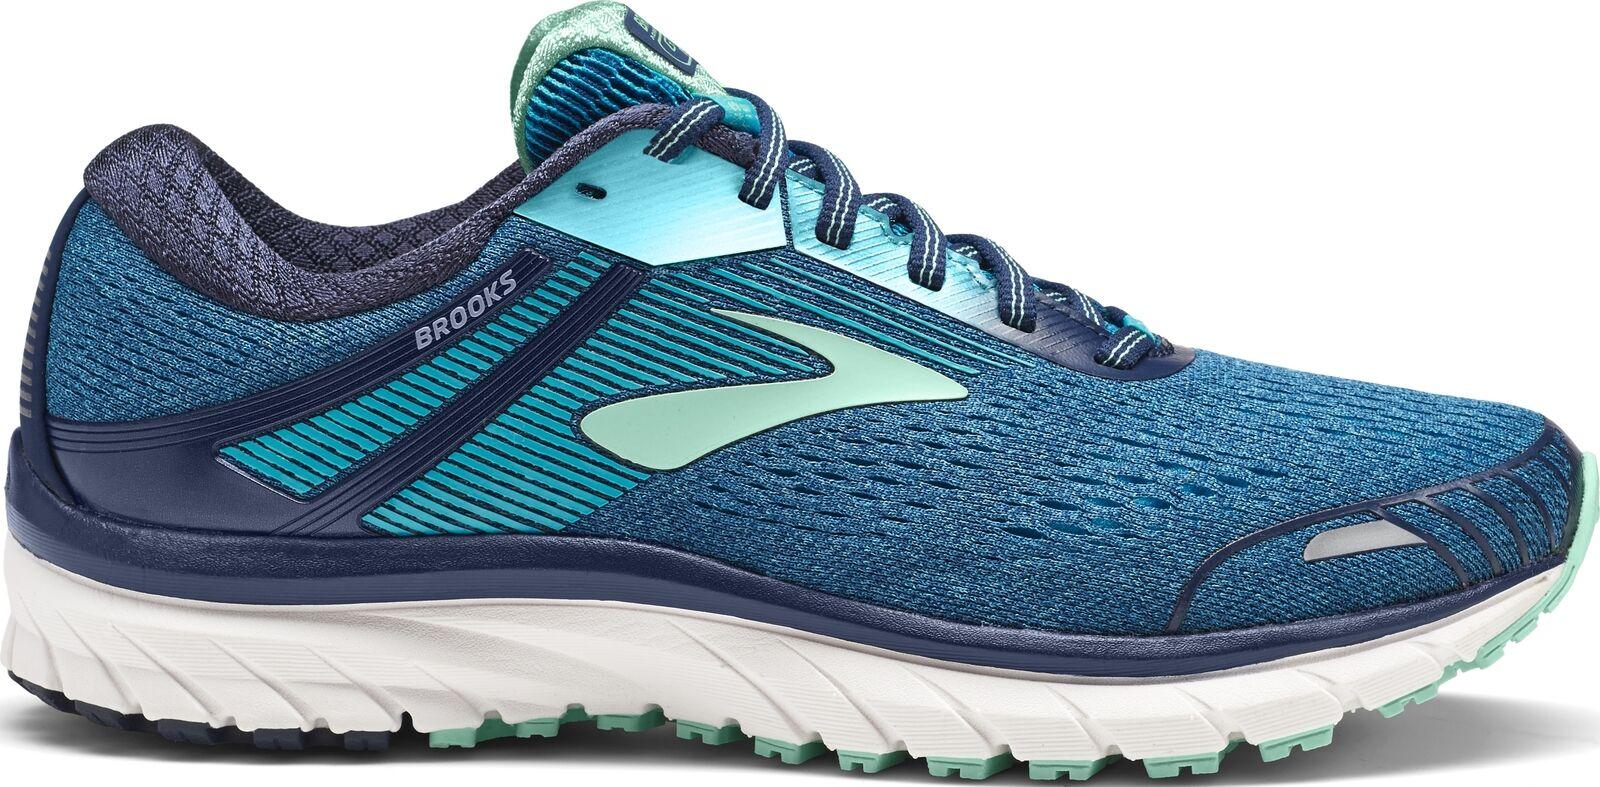 b5a0d6cb9bb Brooks GTS 18 Size US 6.5 M (b) EU 37.5 Women s Running Shoes Blue ...